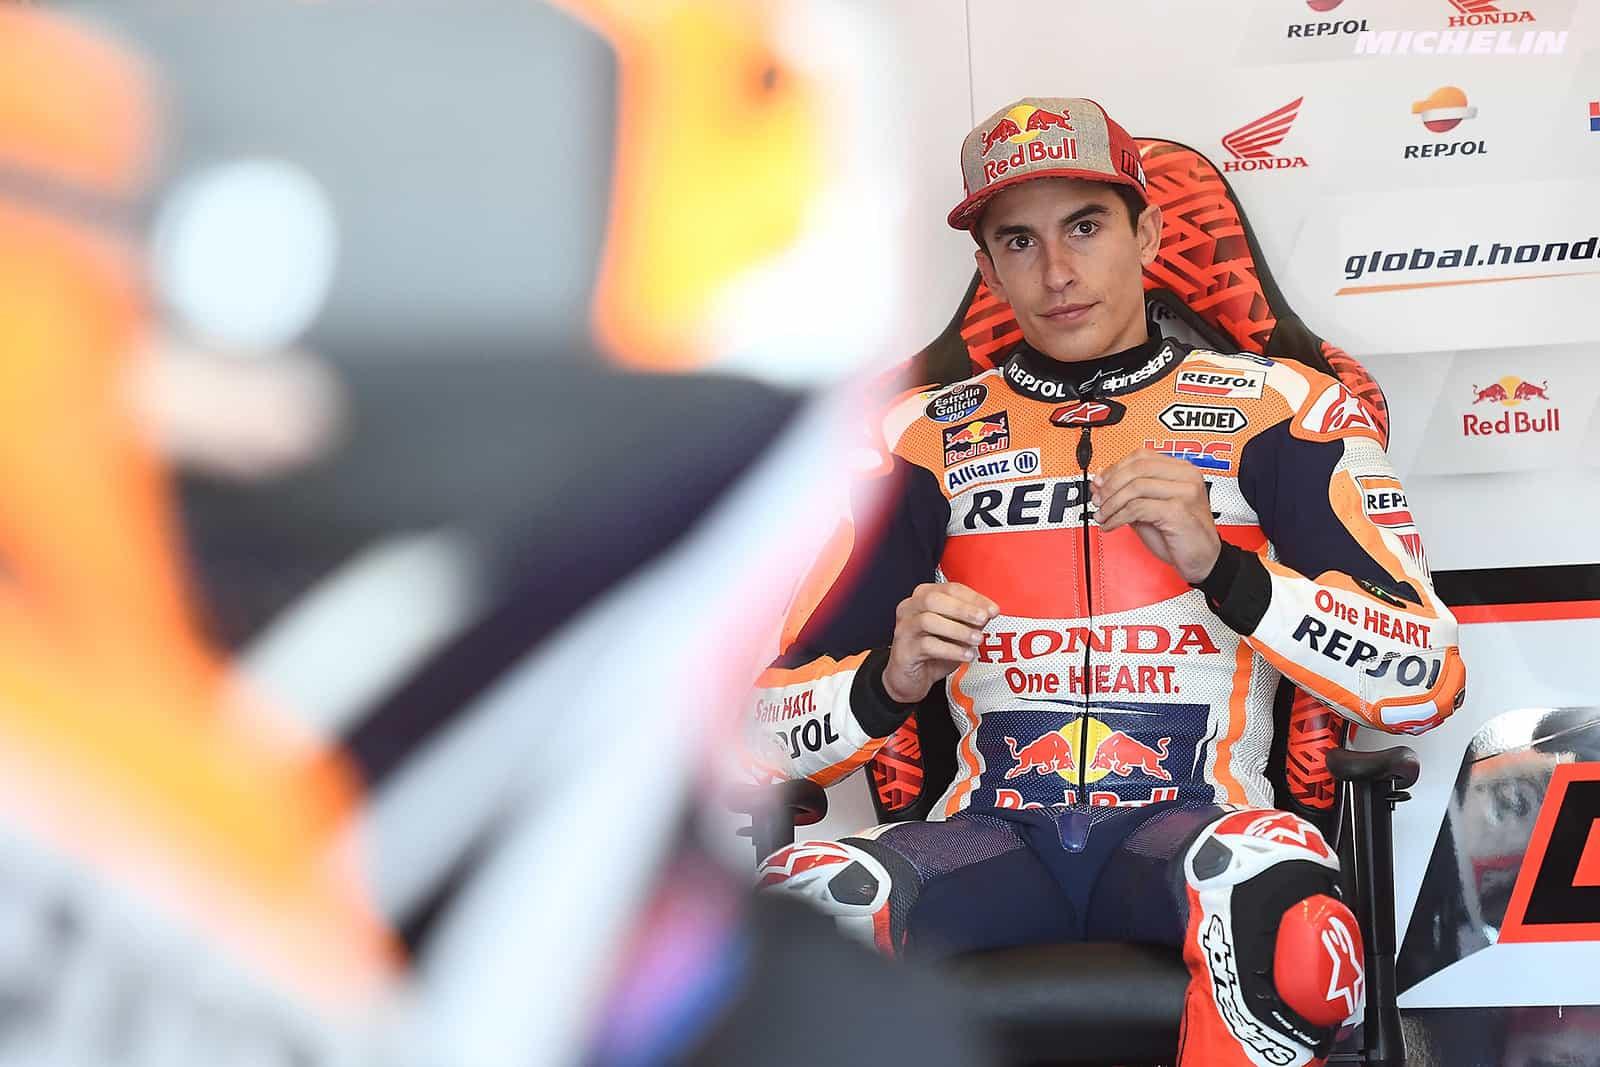 MotoGP2019ヘレスGP FP2 4位マルケス「皆が素晴らしいペースなので注意が必要」